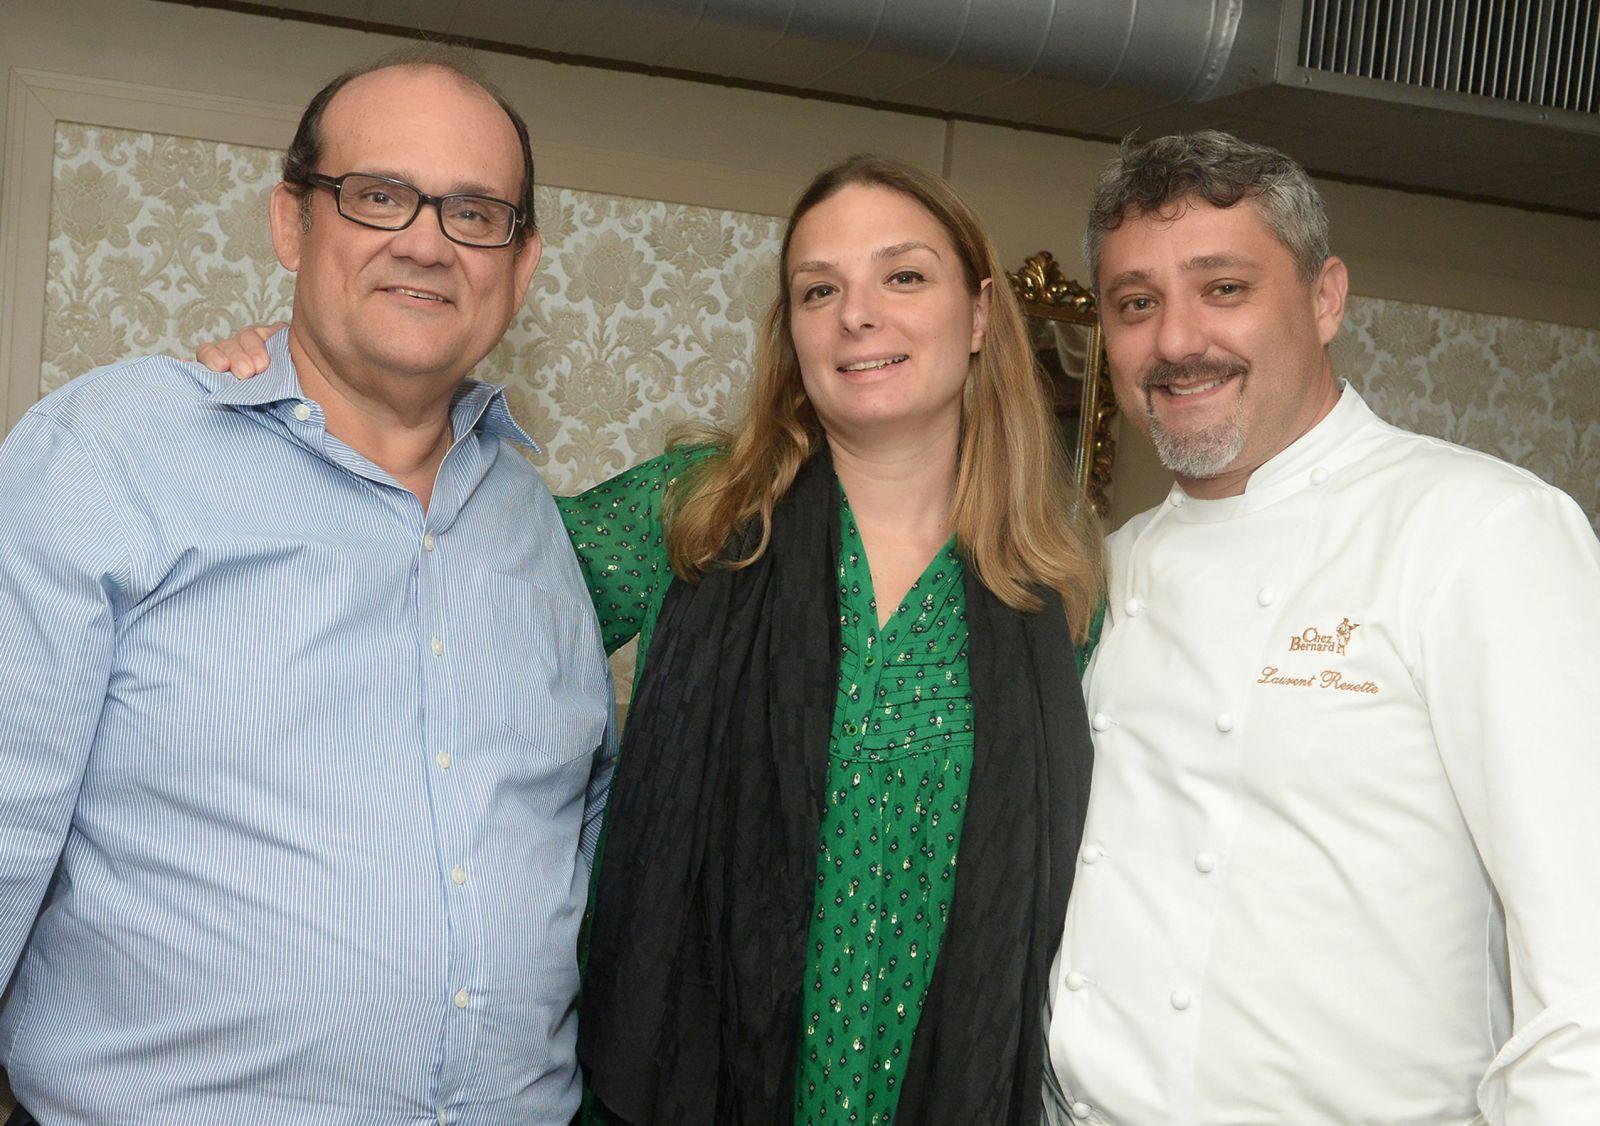 Hélène Luzin, jornalista francesa autora do Livro 50 Pratos de Grande chefs,com Laurent Rezette e Ademar Lemos do Chez Bernard